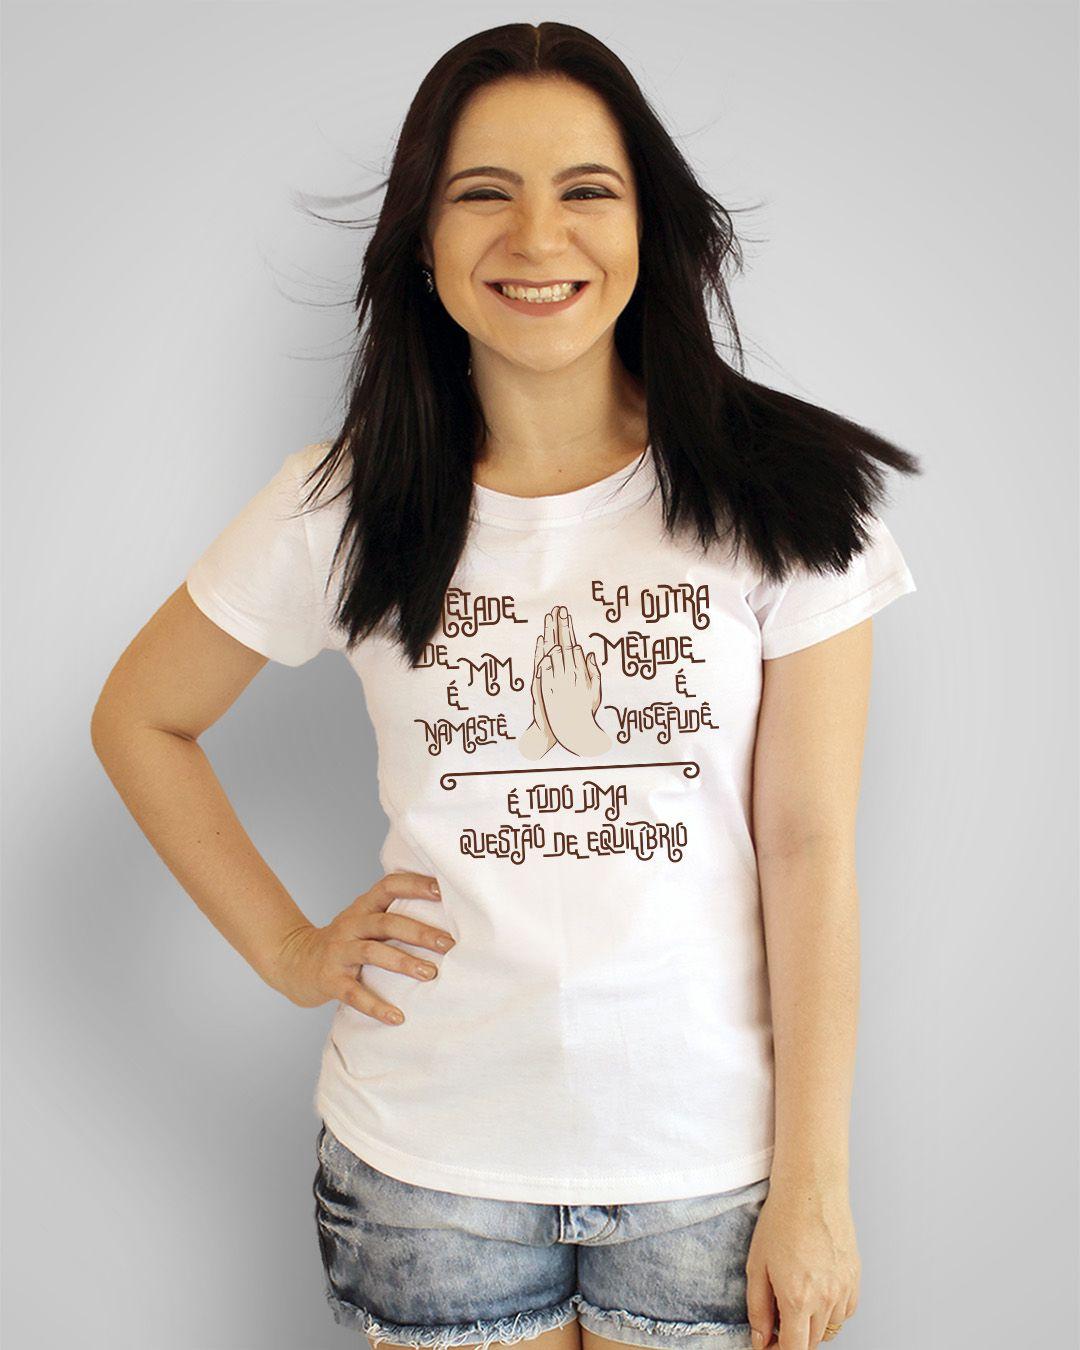 Camiseta Metade de mim é namastê e a outra metade é vaisefudê, é tudo uma questão de equilíbrio